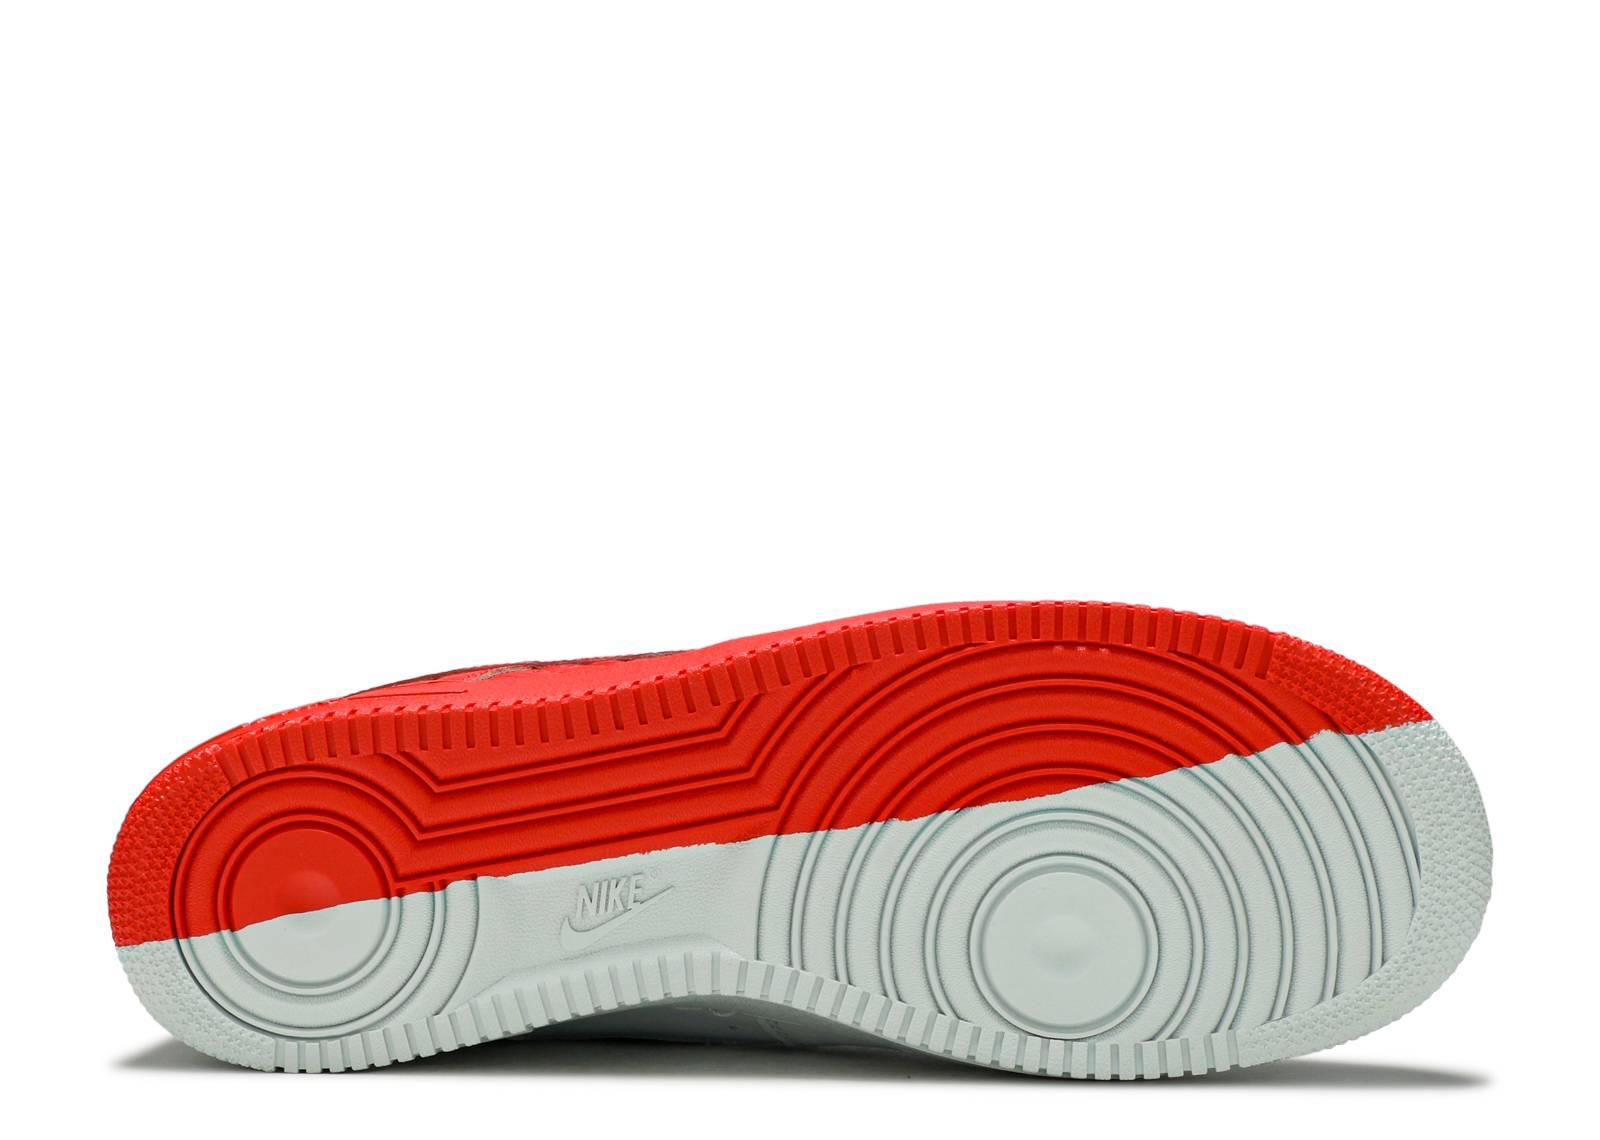 separation shoes 673c8 cc9e0 Air Force 1 '07 Prm